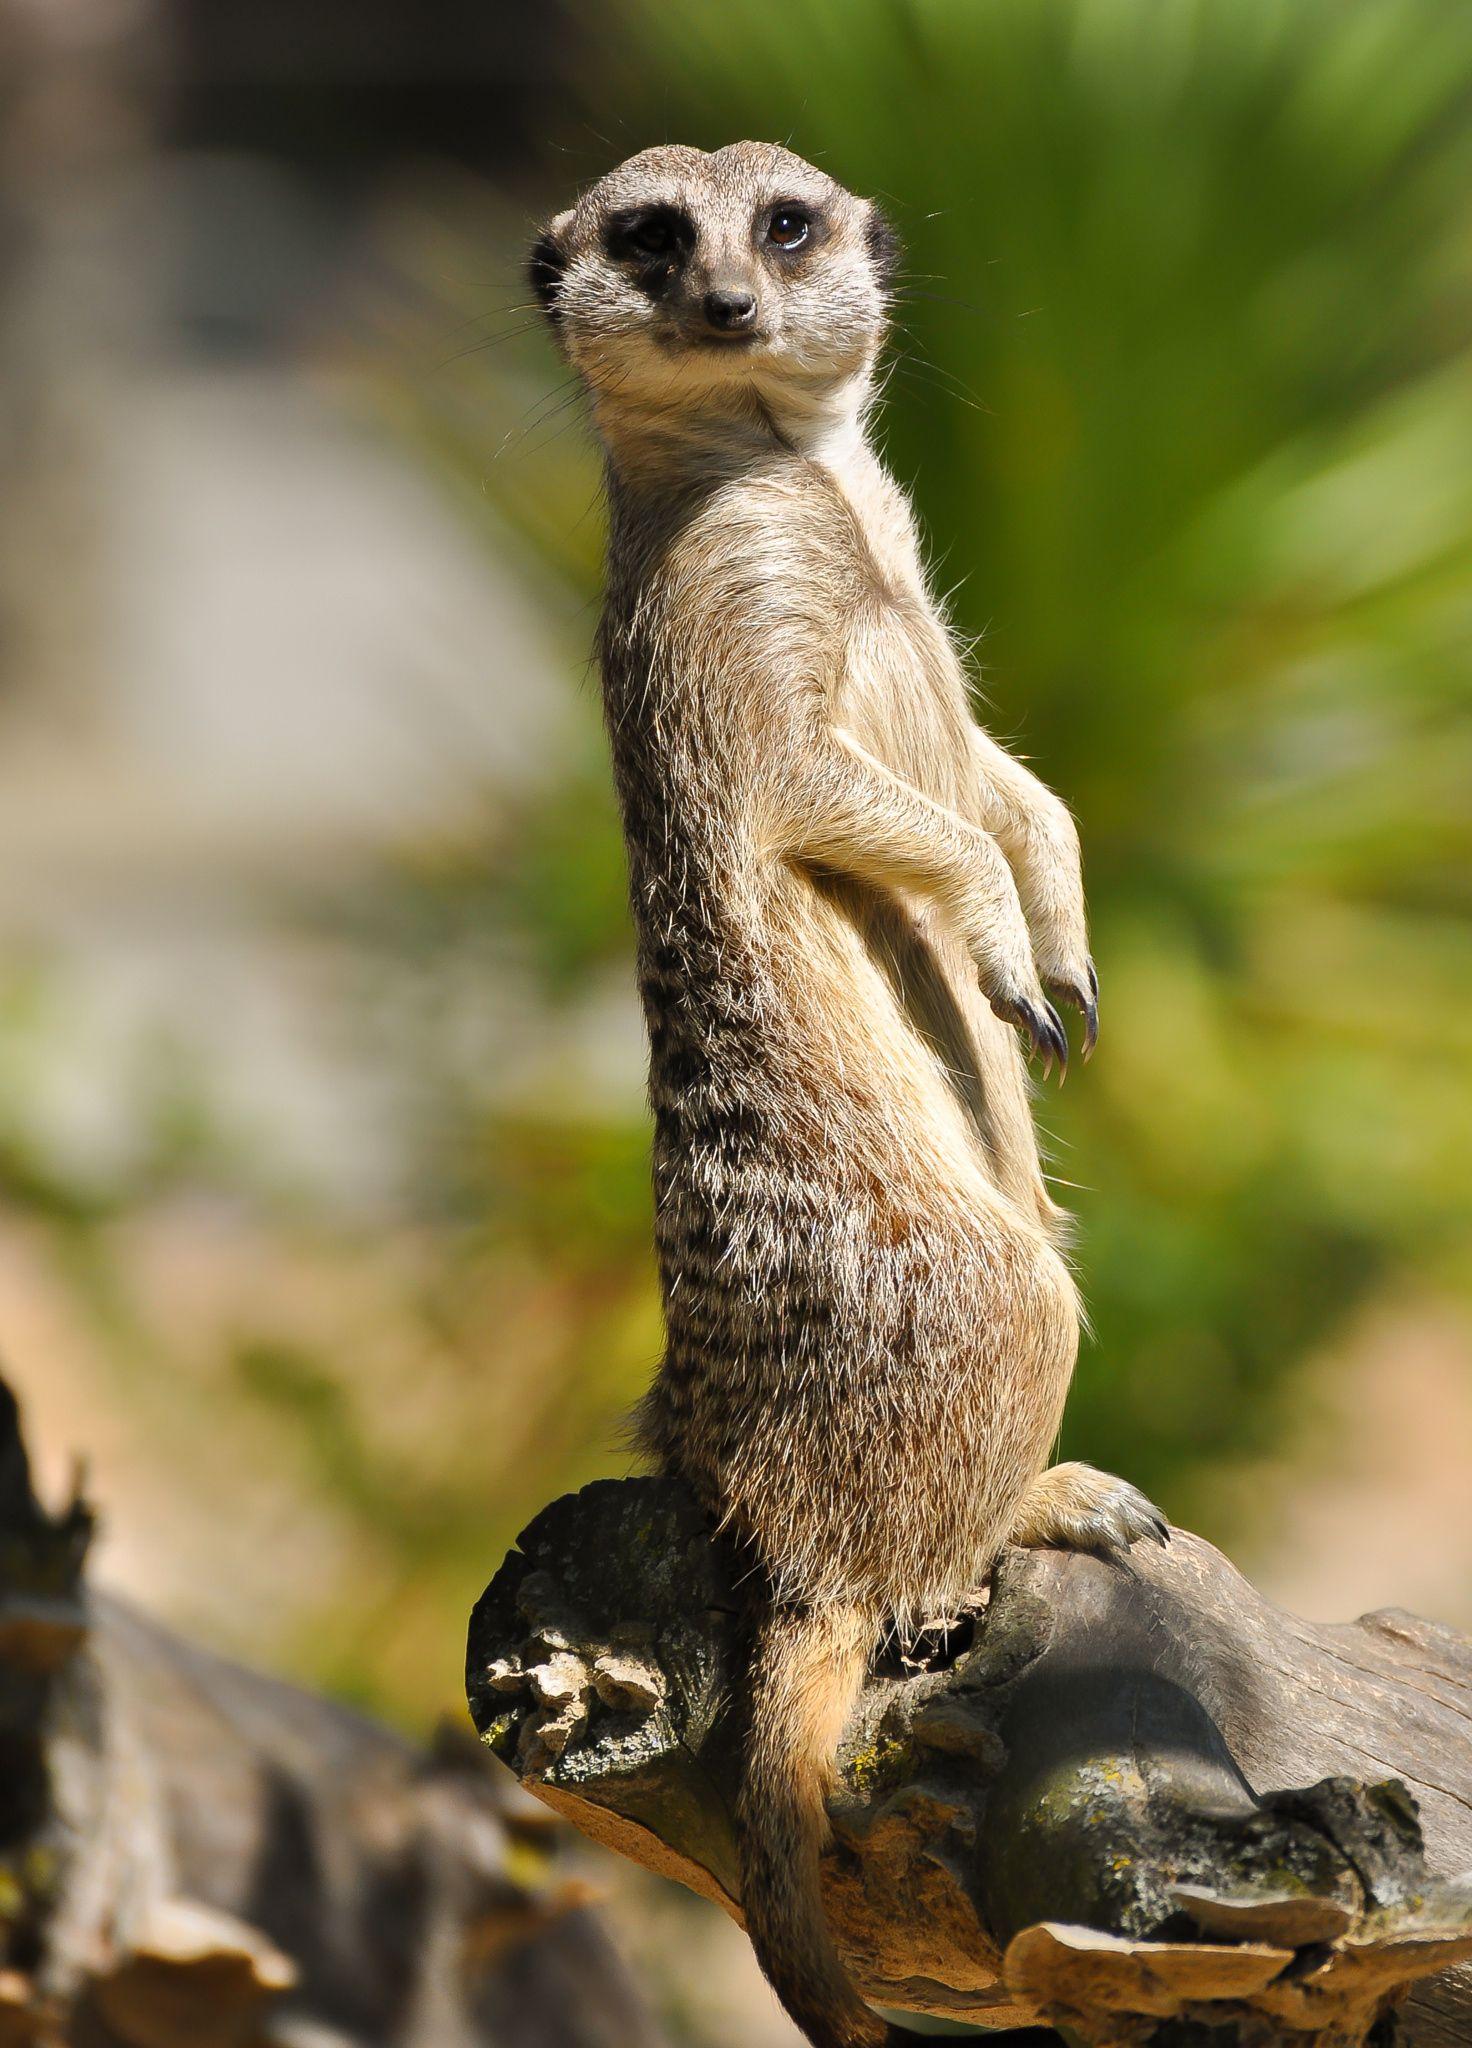 Meerkat by Gisler Marco**